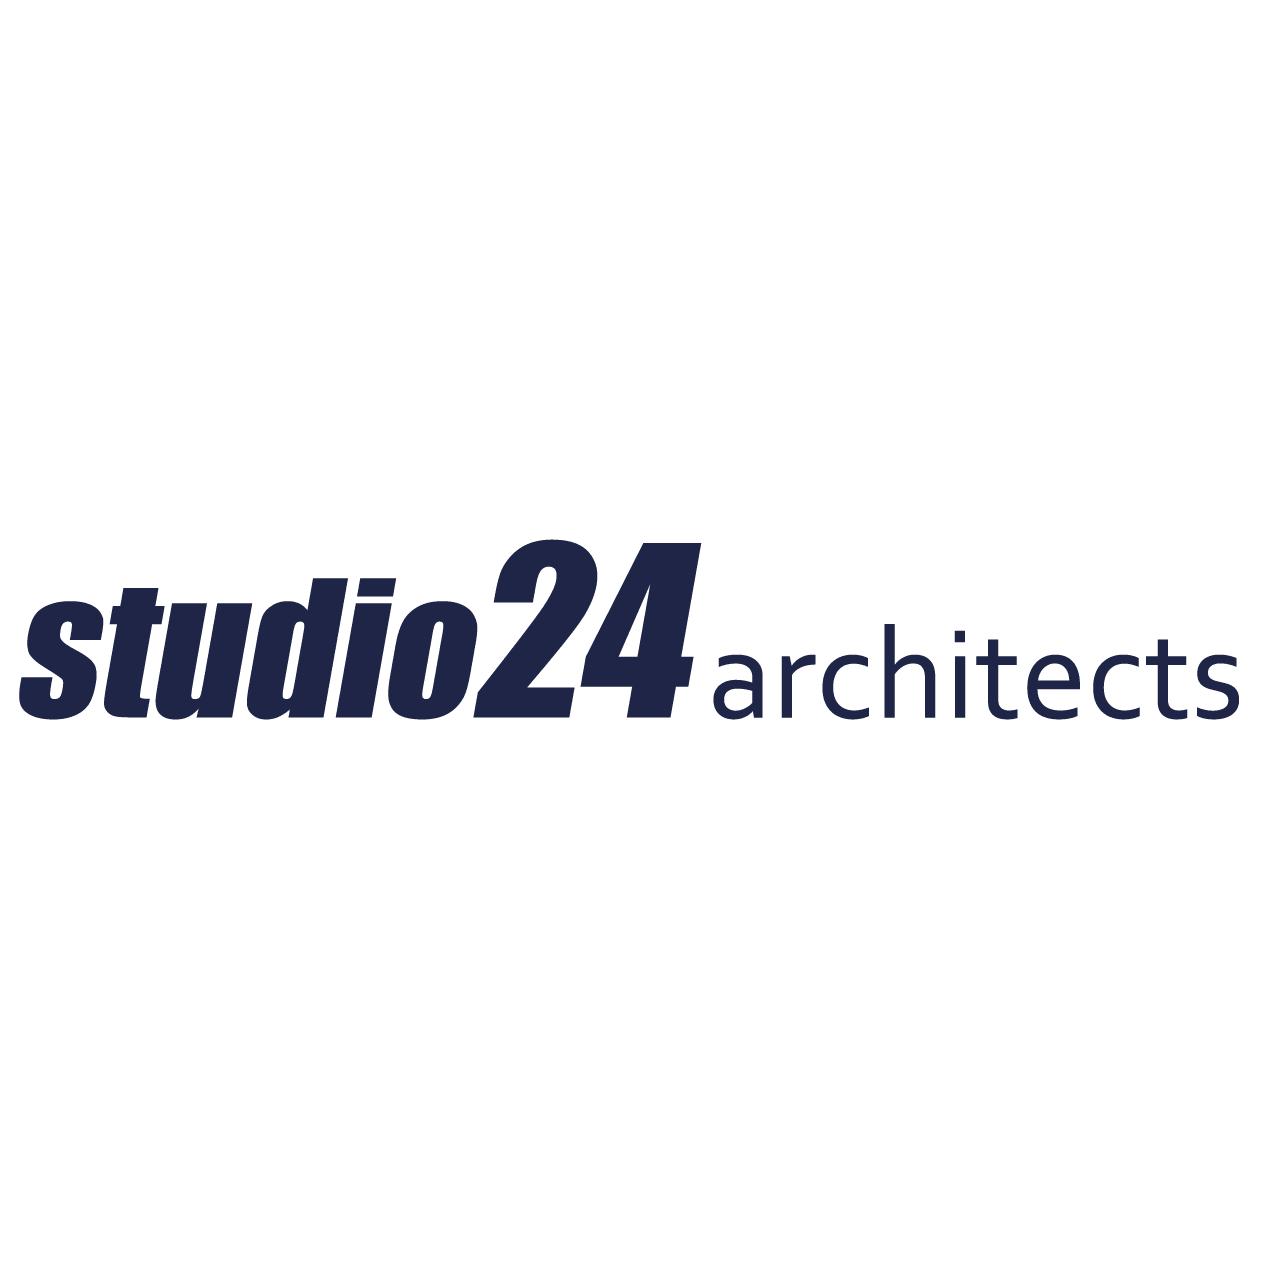 Studio 24 Architects LLP - Cambridge, Cambridgeshire CB2 8DP - 01223 351023 | ShowMeLocal.com